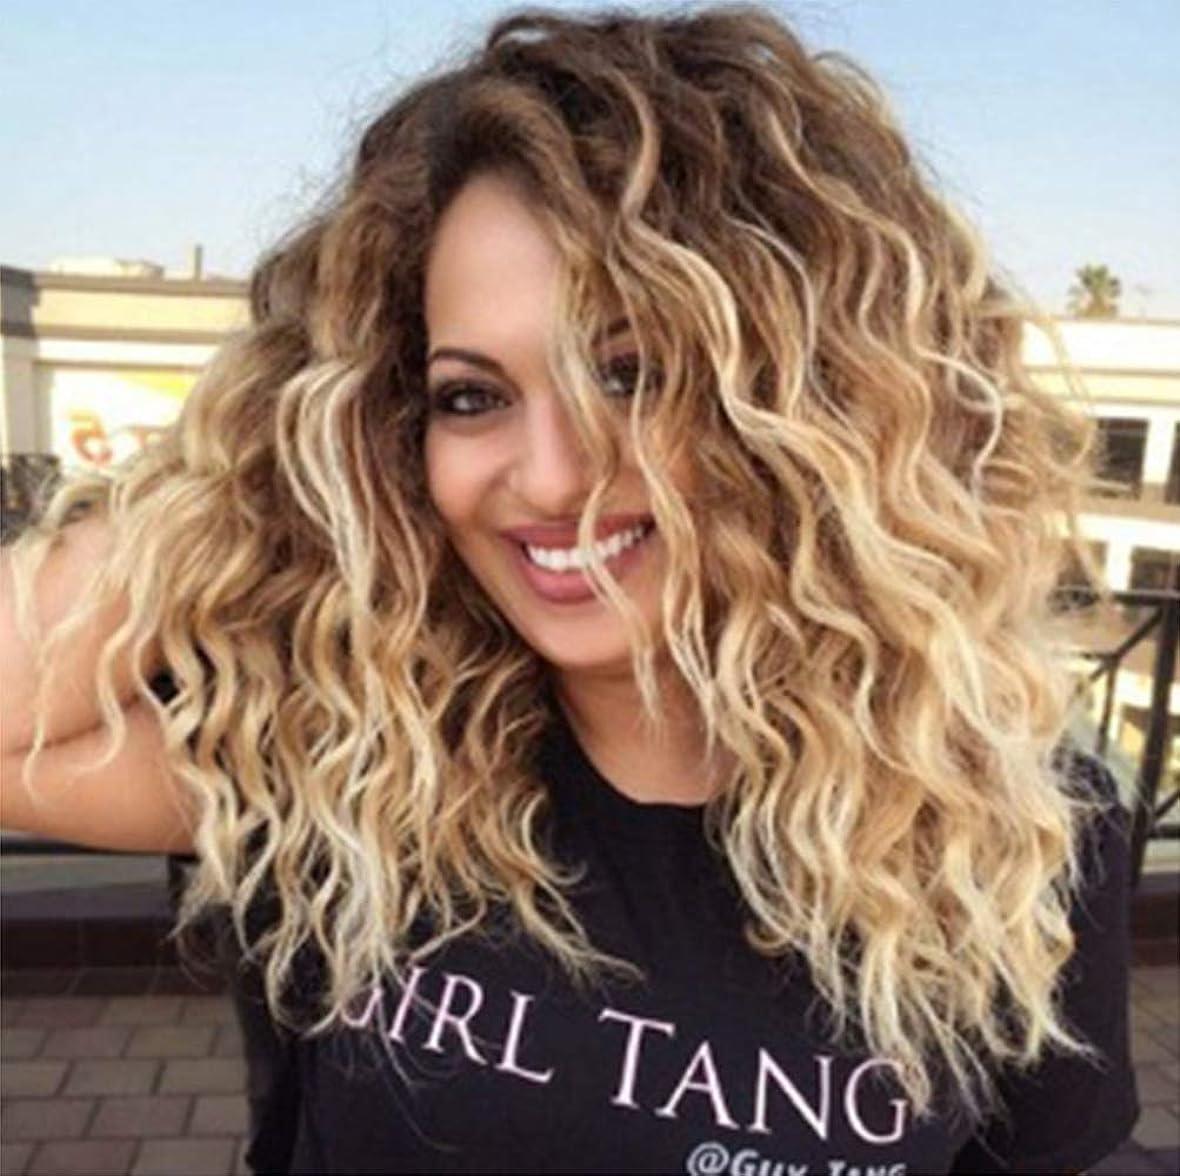 下るスツール流体かつら女性合成ブラジルのremy毛プレ摘み取ら漂白ノットゴールデングラデーション52センチ